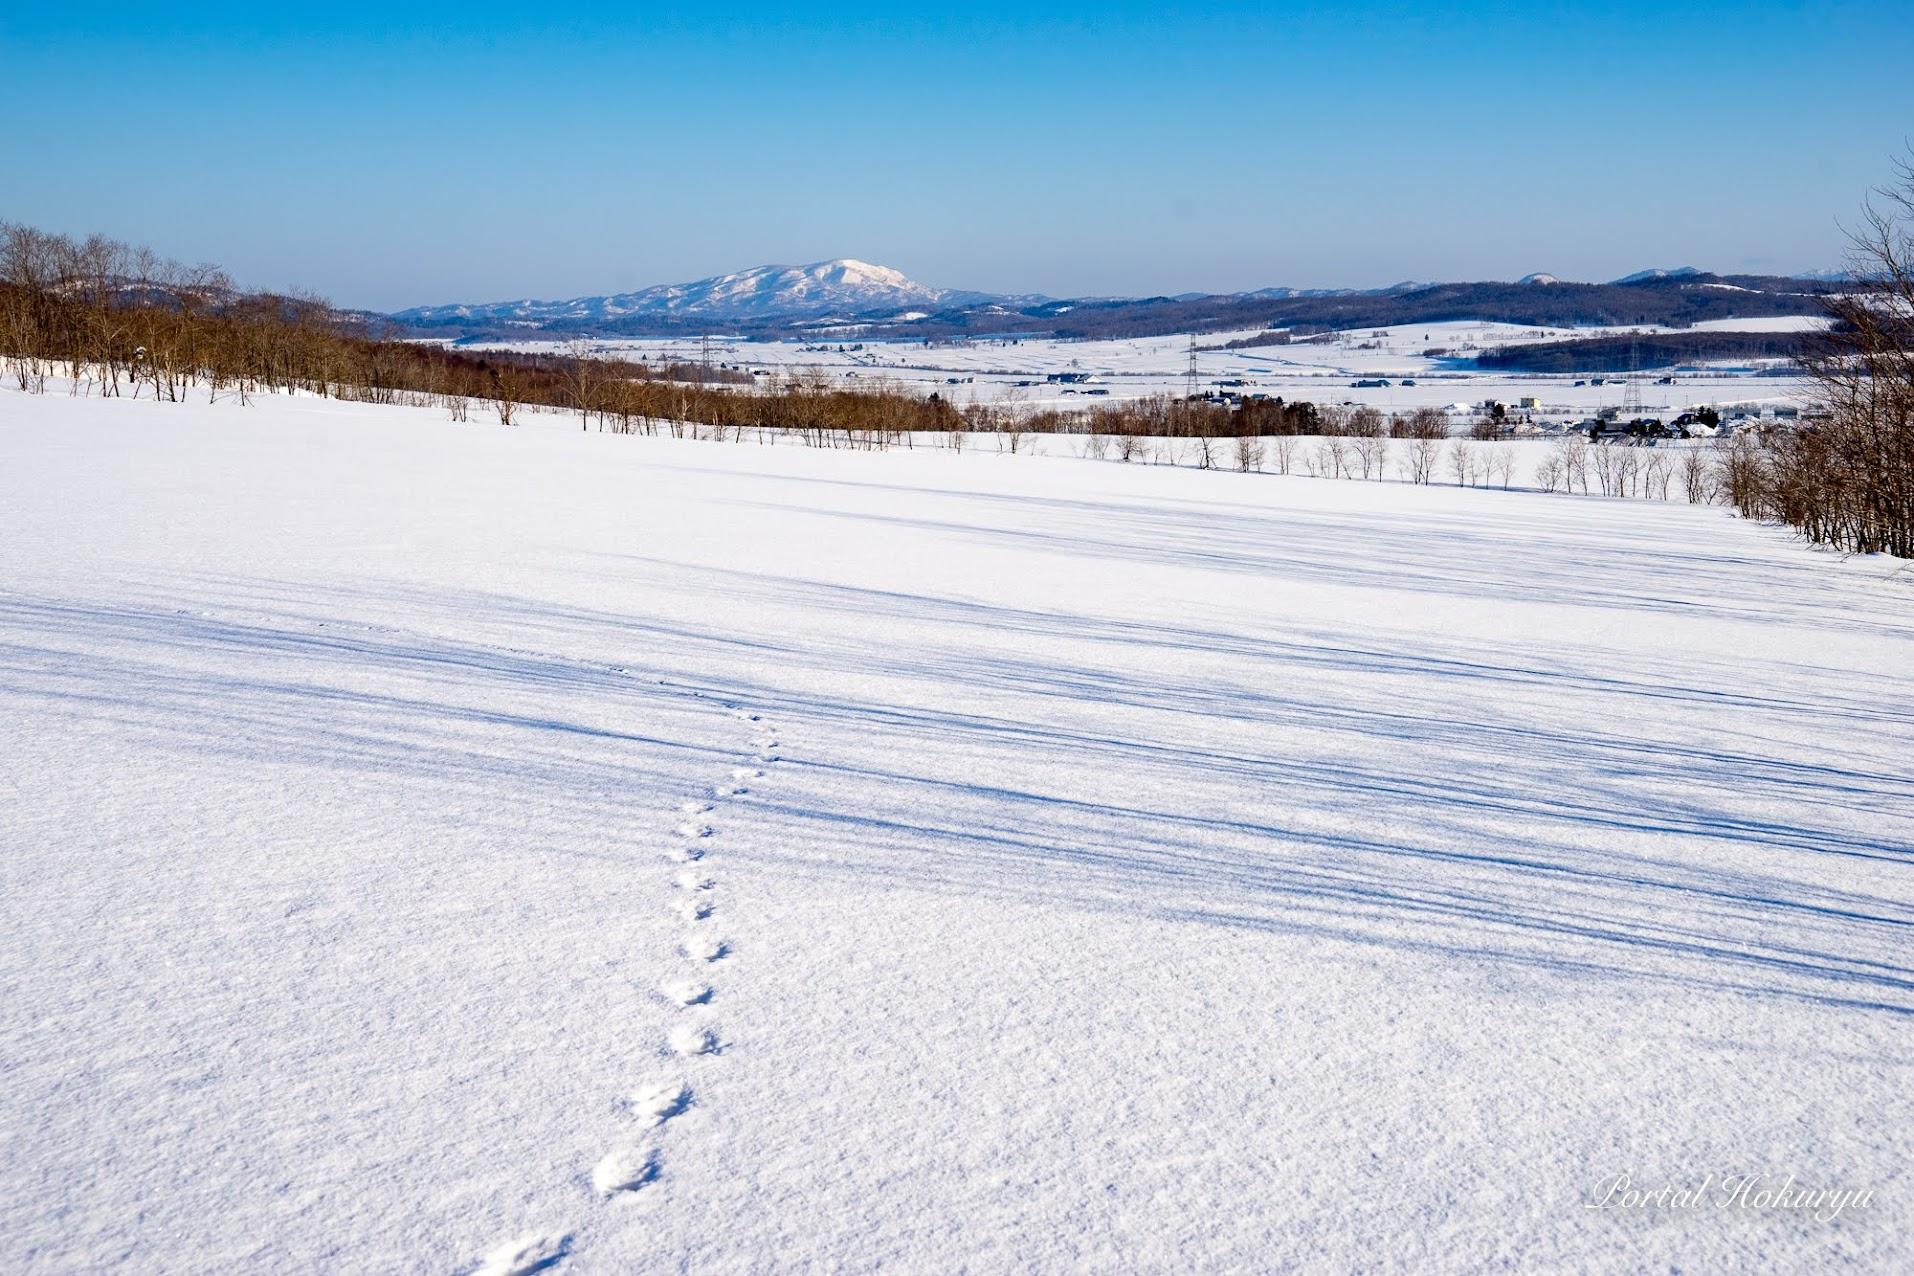 雪上のシルエット模様